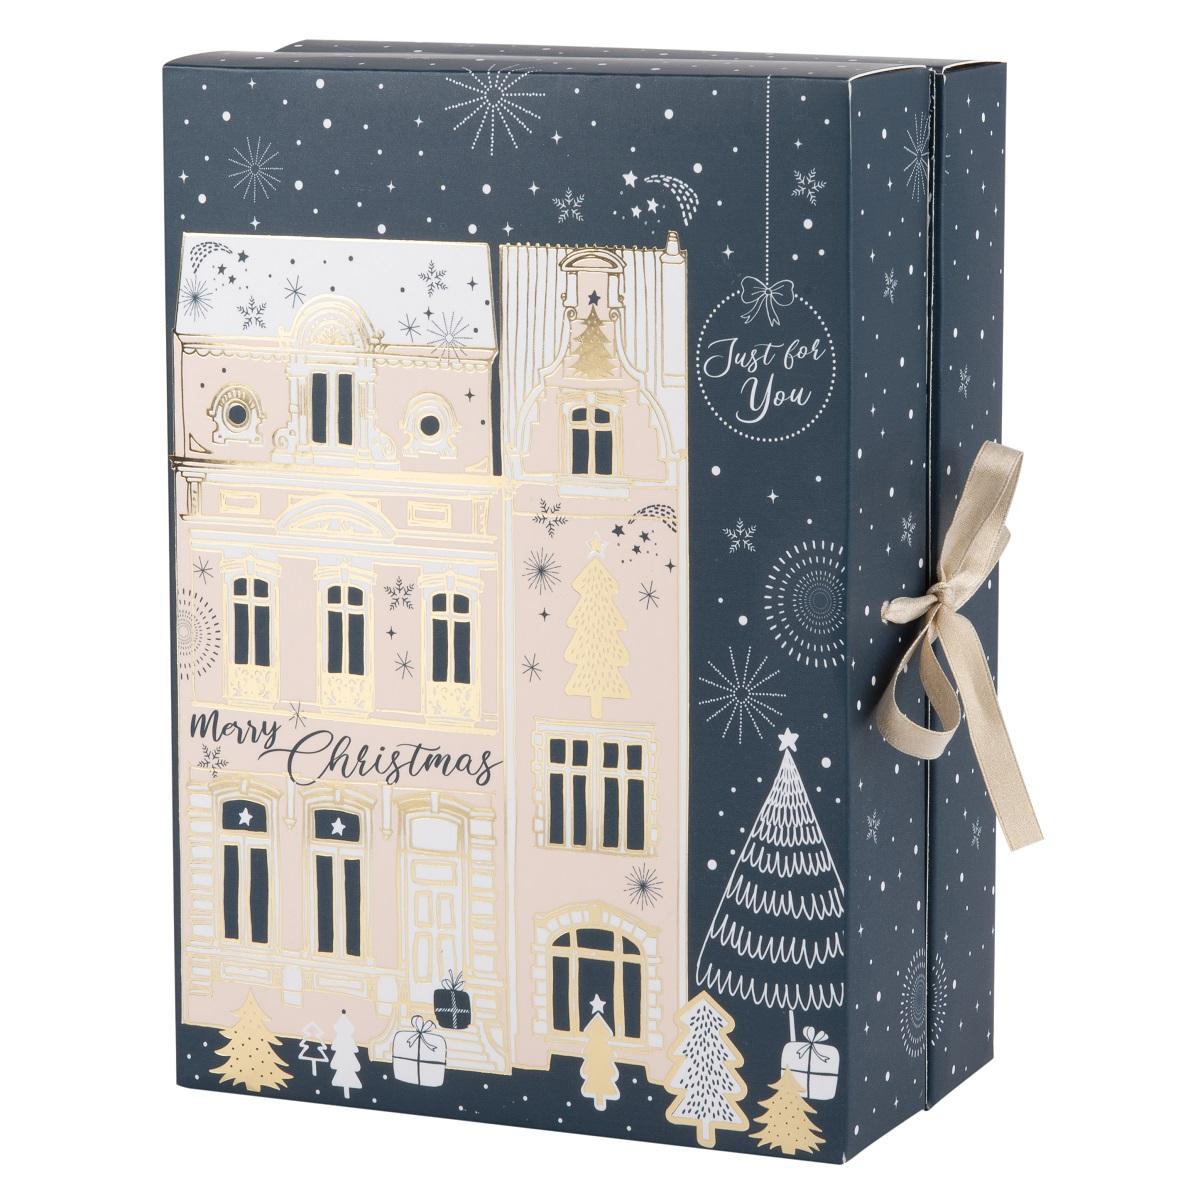 Calendario de Adviento en forma de edificio con velas perfumada